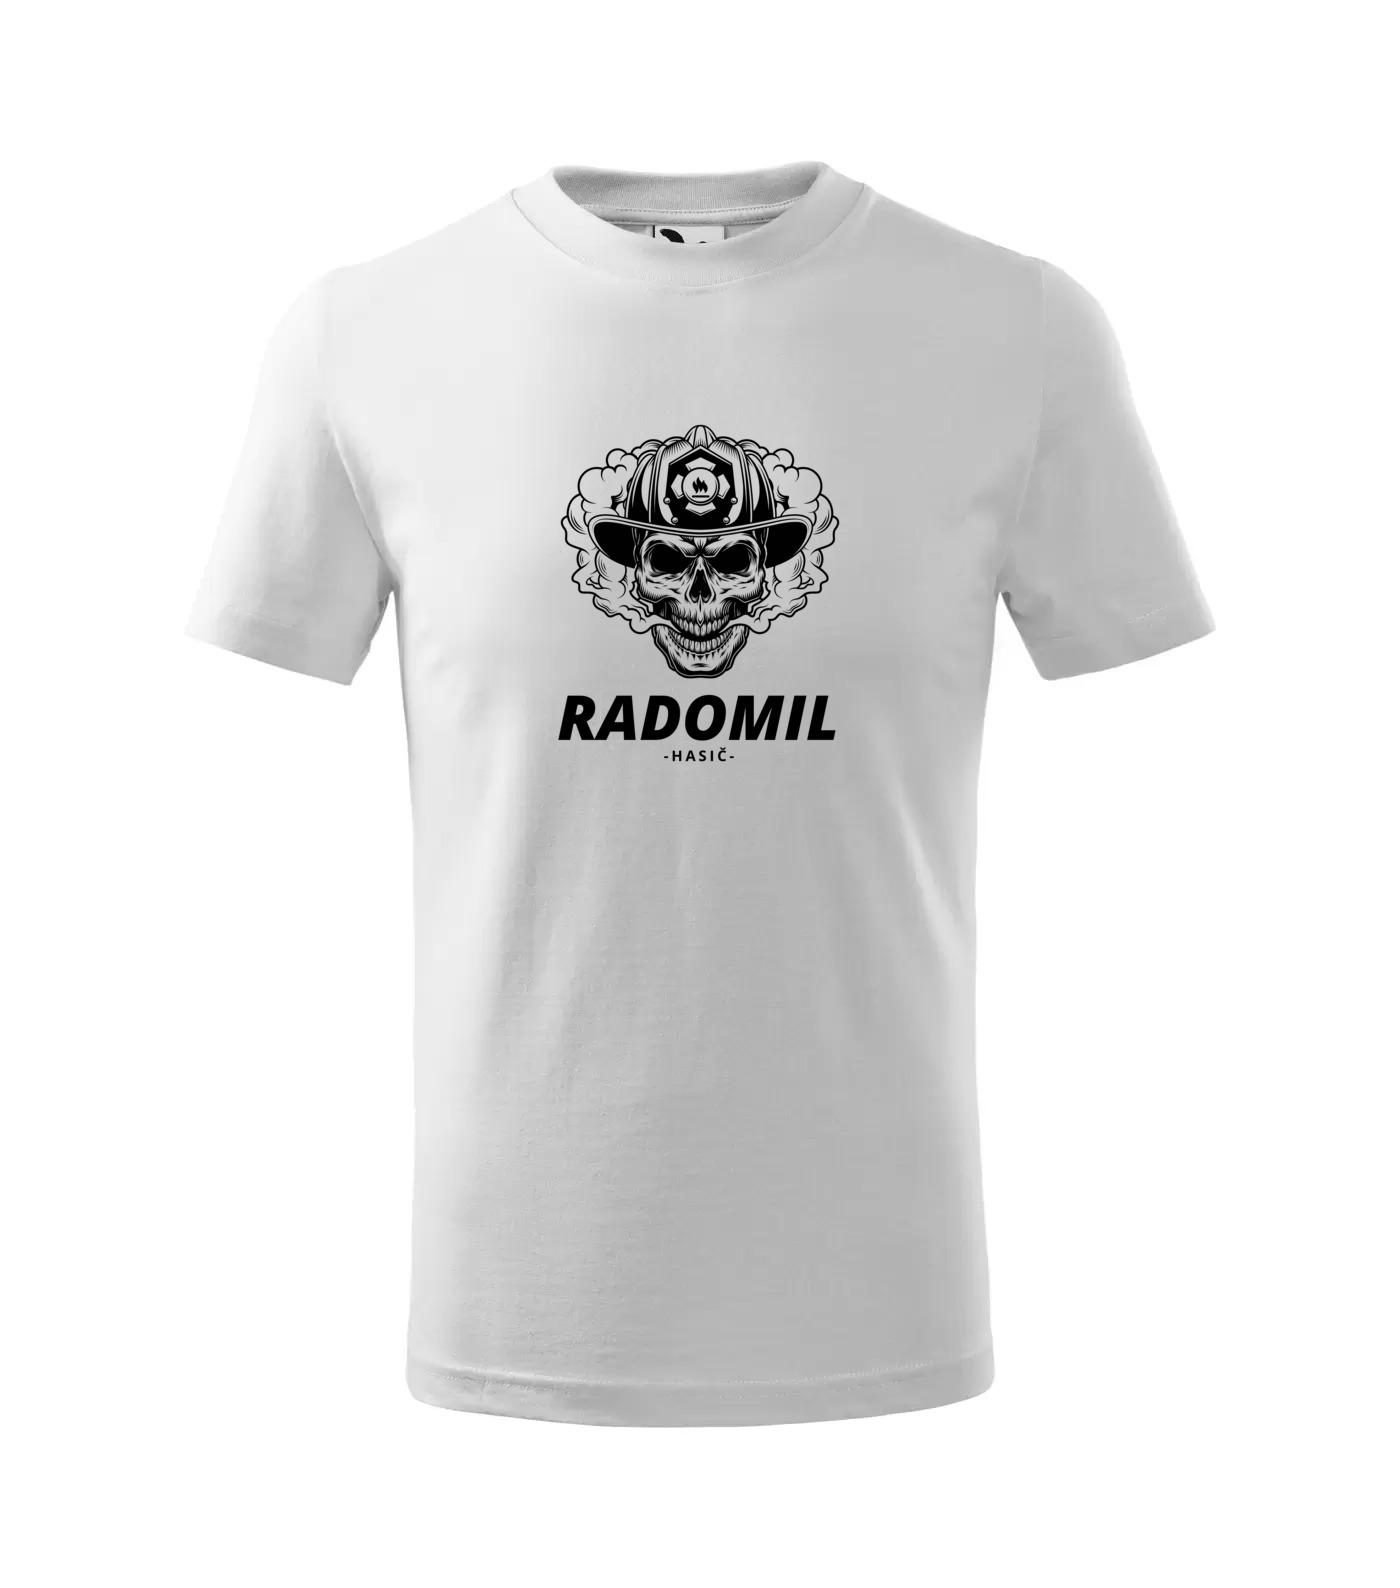 Tričko Hasič Radomil